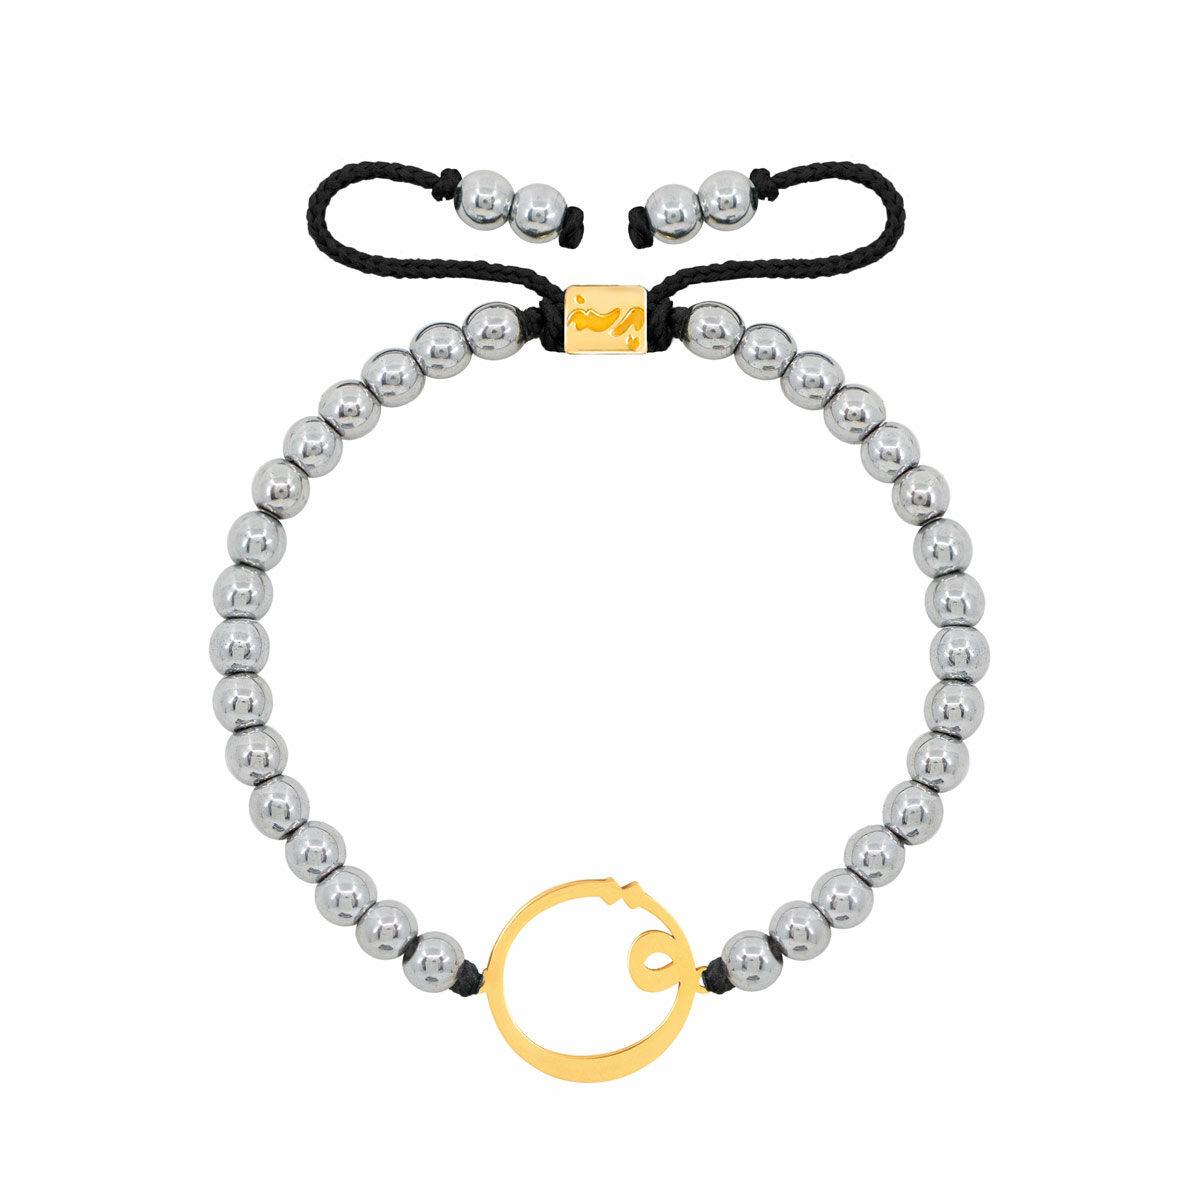 دستبند طلا سنگی حرف ق